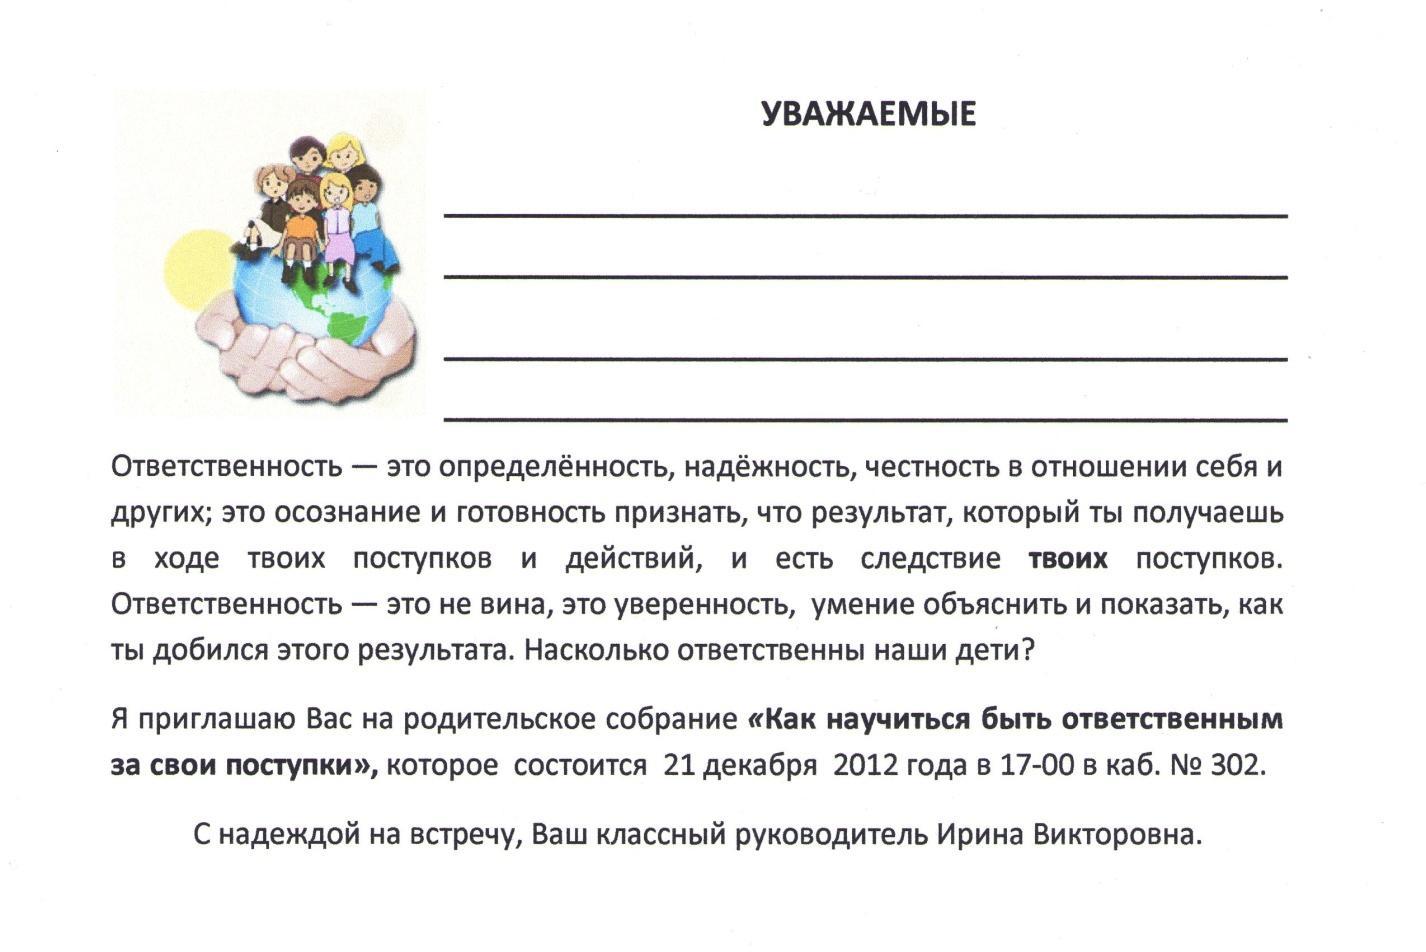 Шаблоны приглашения на родительское собрание в доу